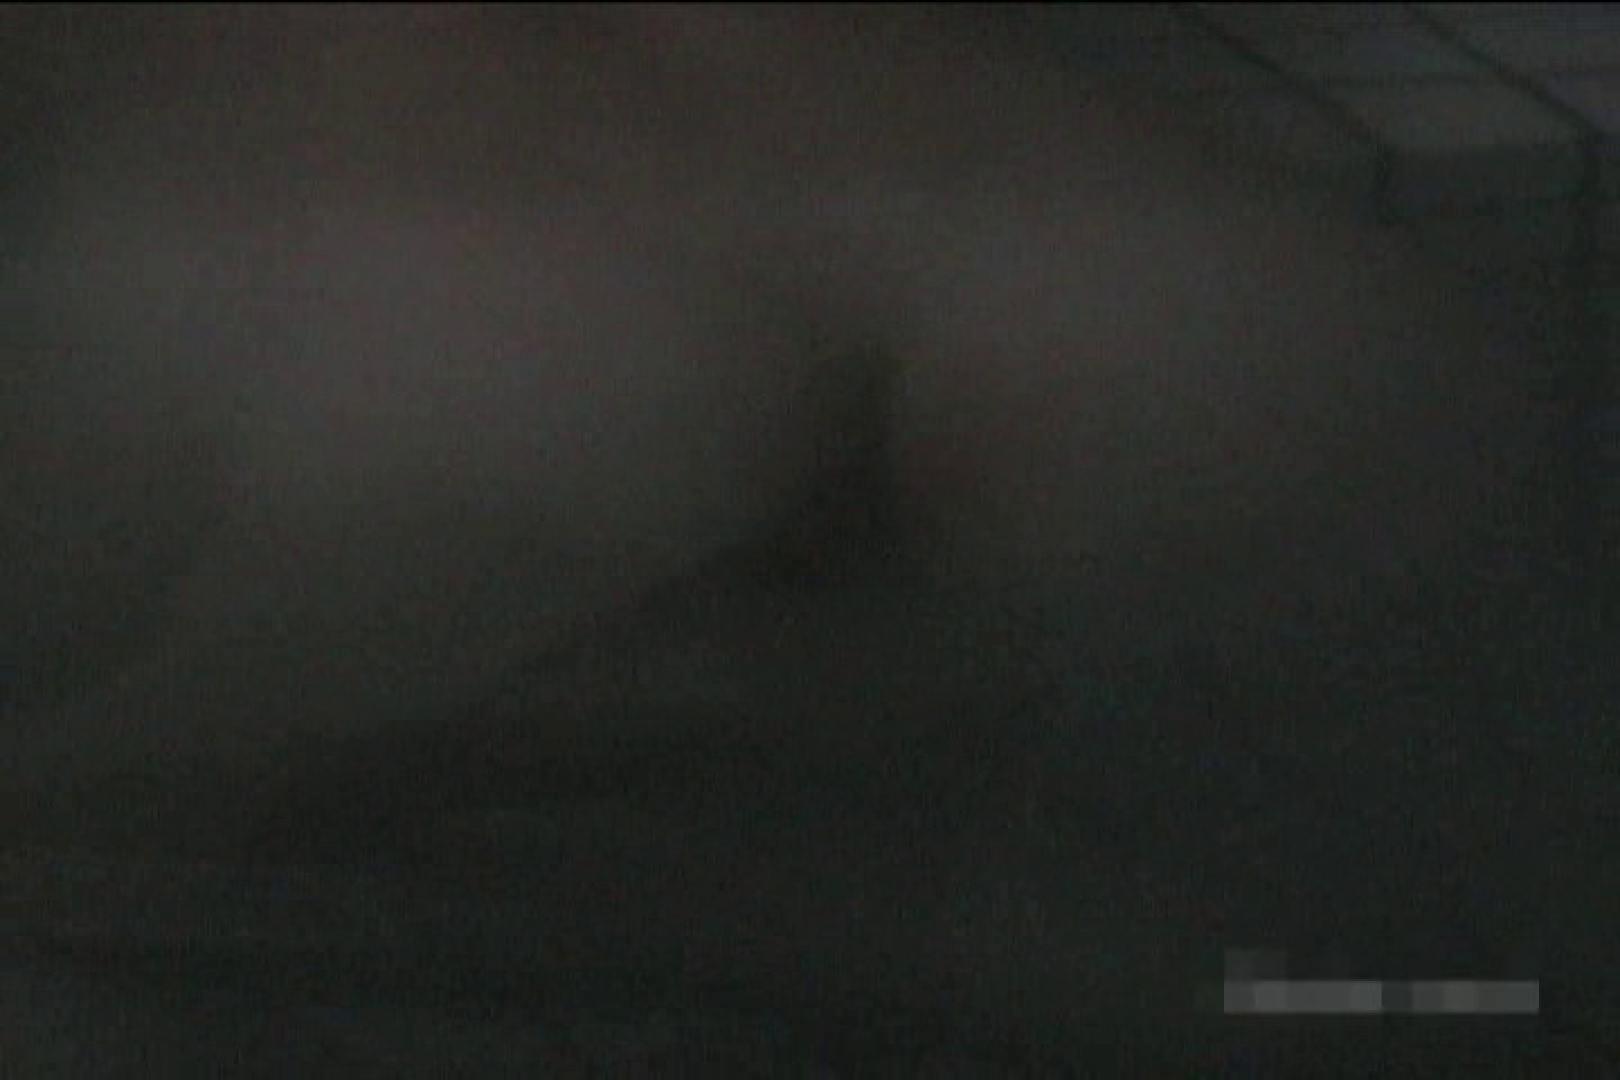 全裸で発情!!家族風呂の実態Vol.1 セックス流出映像 オメコ動画キャプチャ 108連発 28